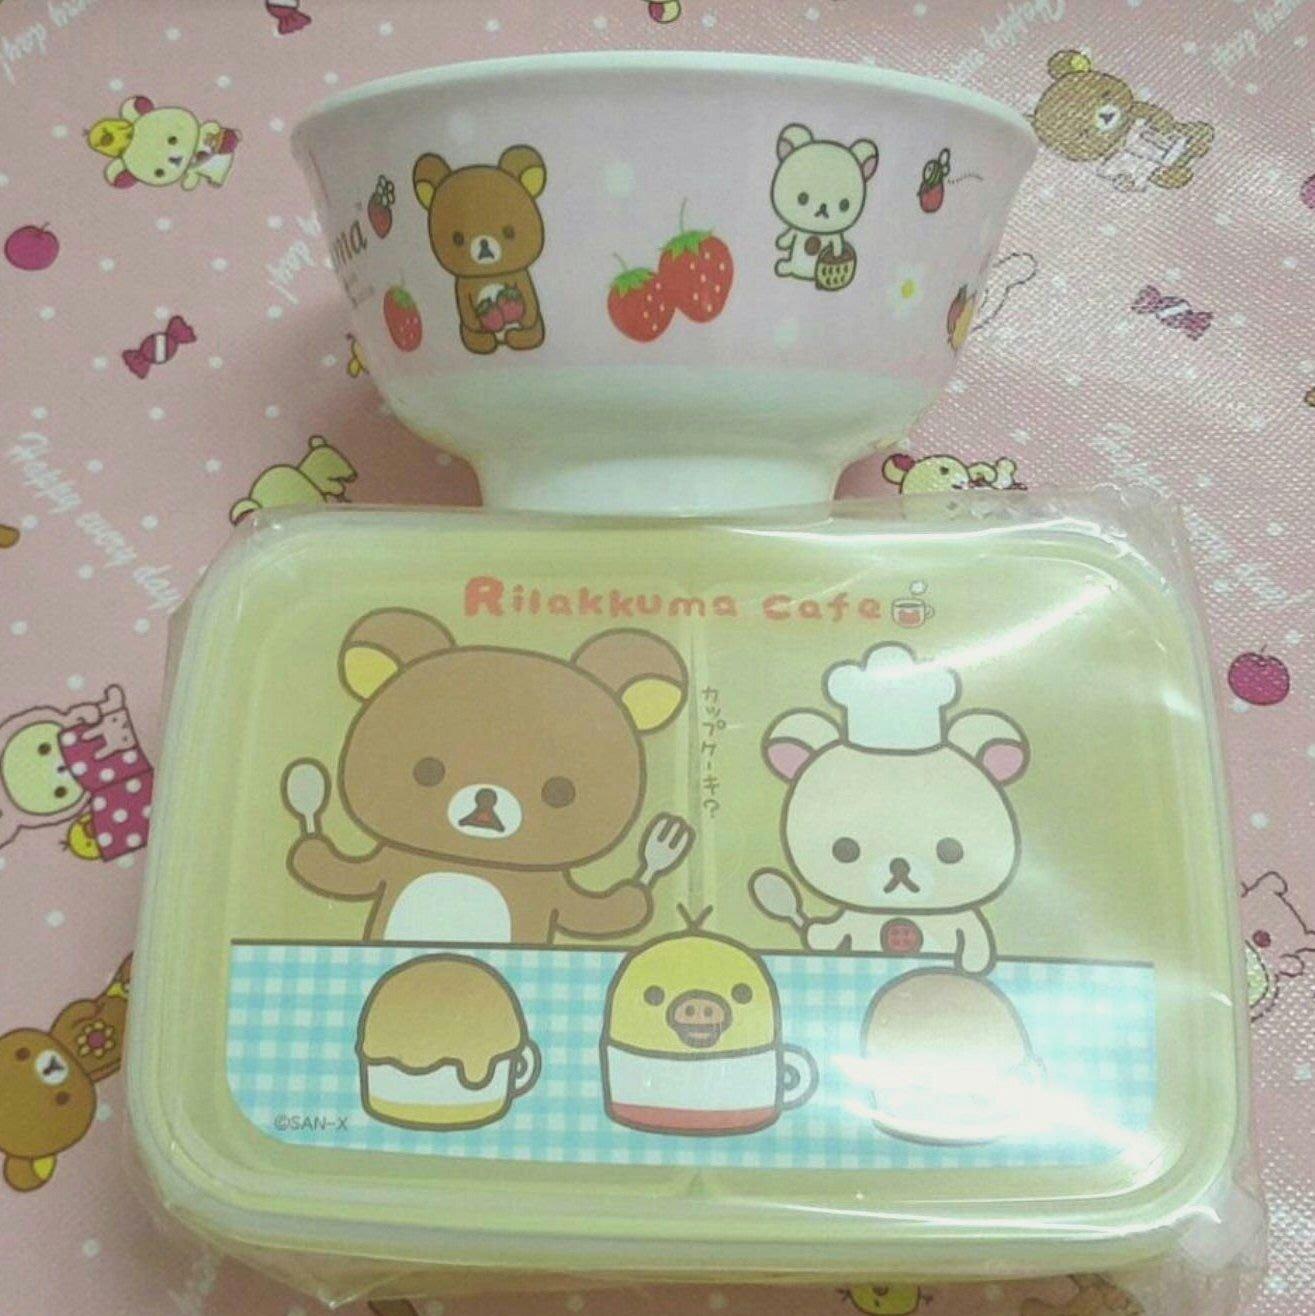 san-x拉拉熊保鮮盒買就送碗 #水果盒 #餅乾盒# 便當盒~